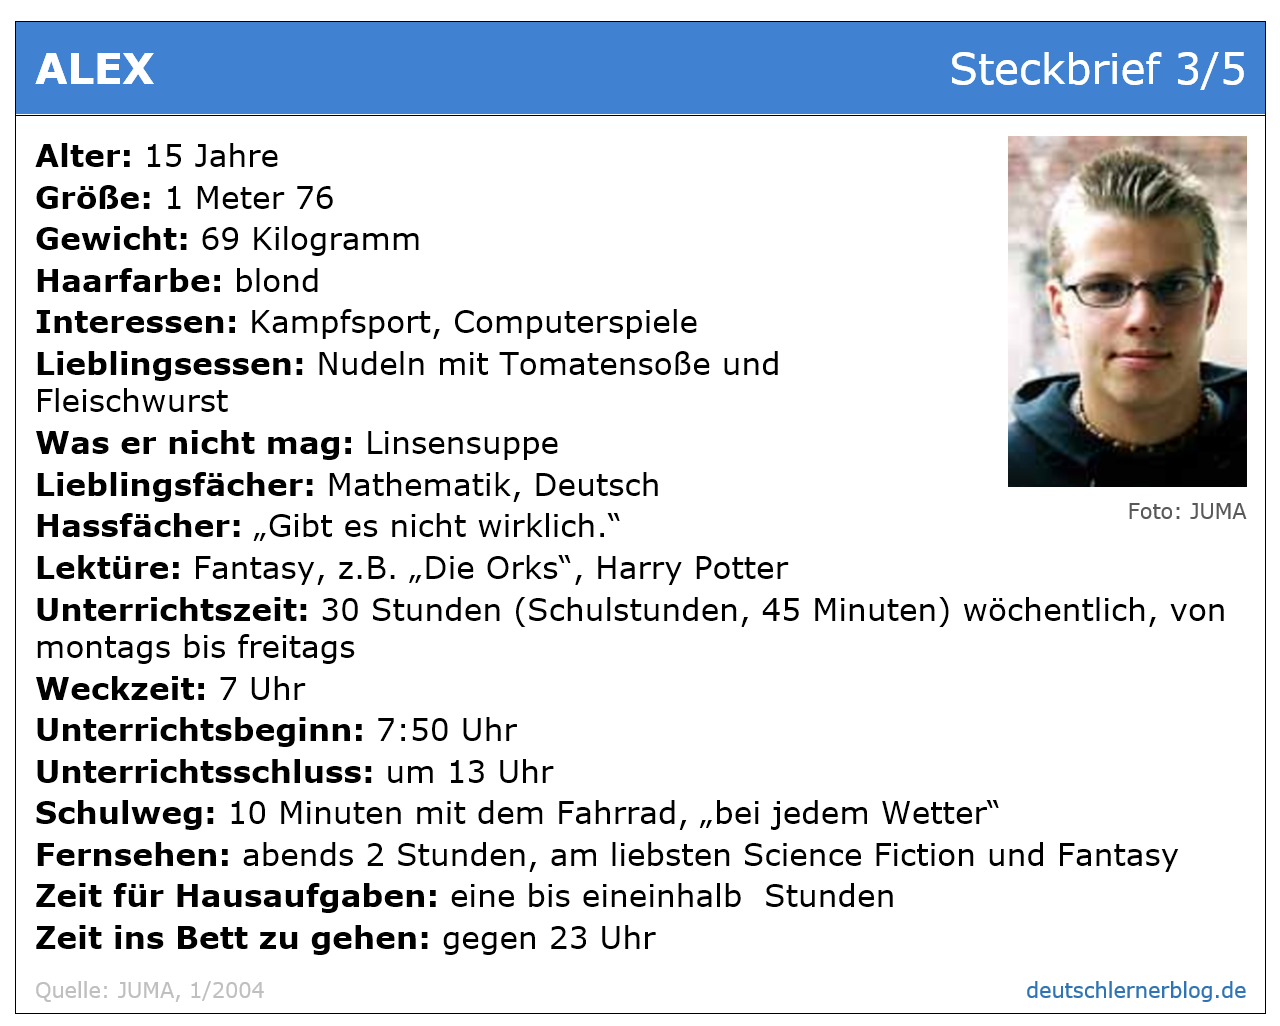 Leseverstehen Deutsch A2 - Steckbrief